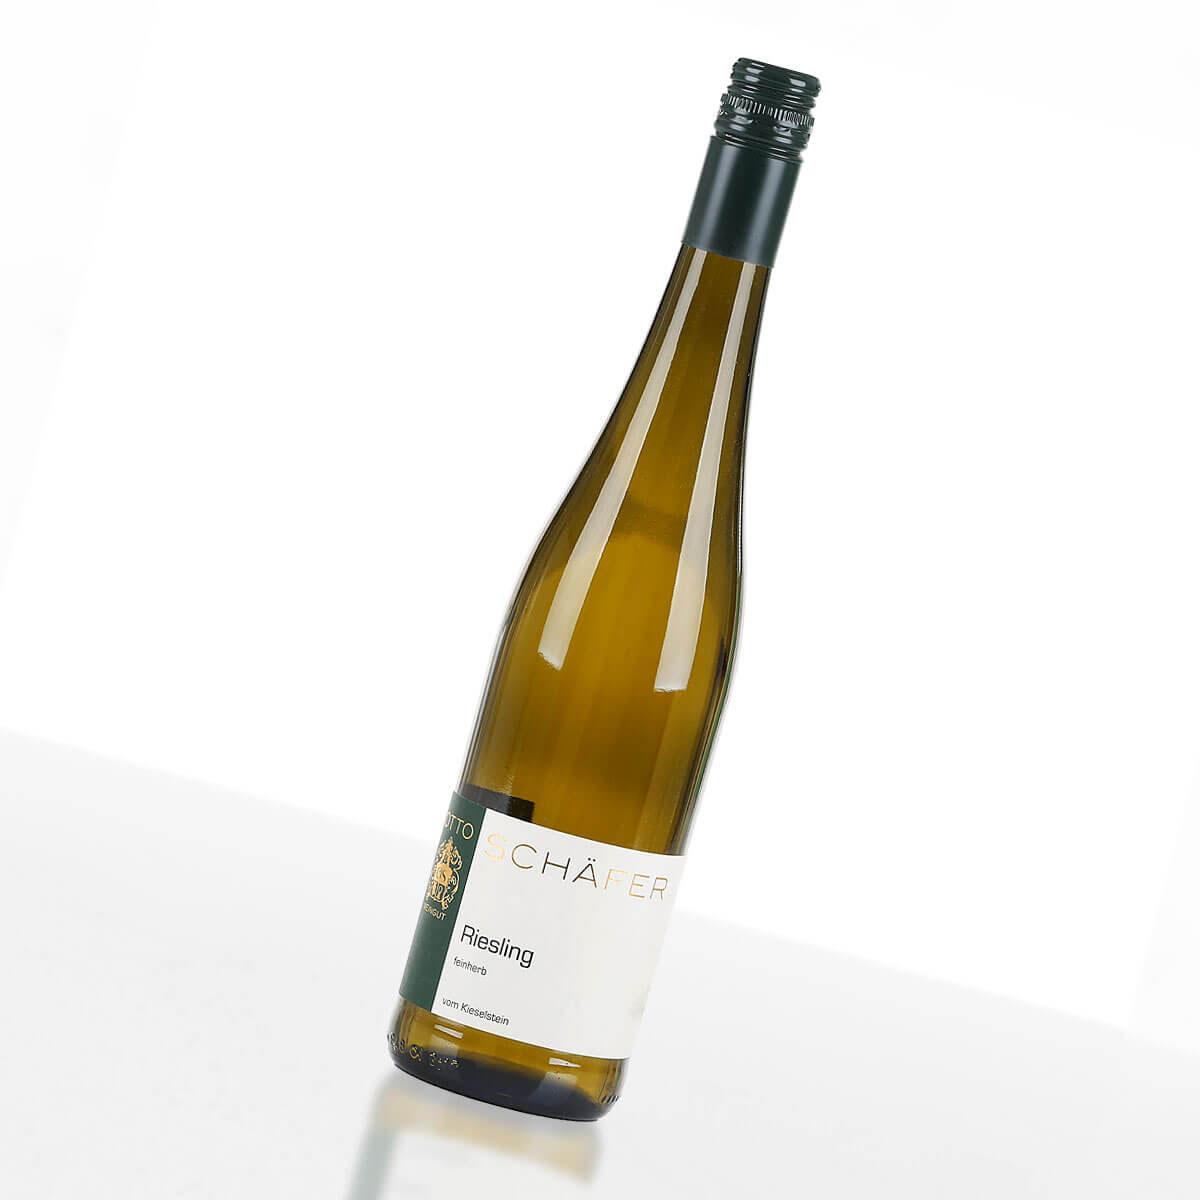 2019er Riesling vom Kieselstein feinherb • Weingut Otto Schäfer